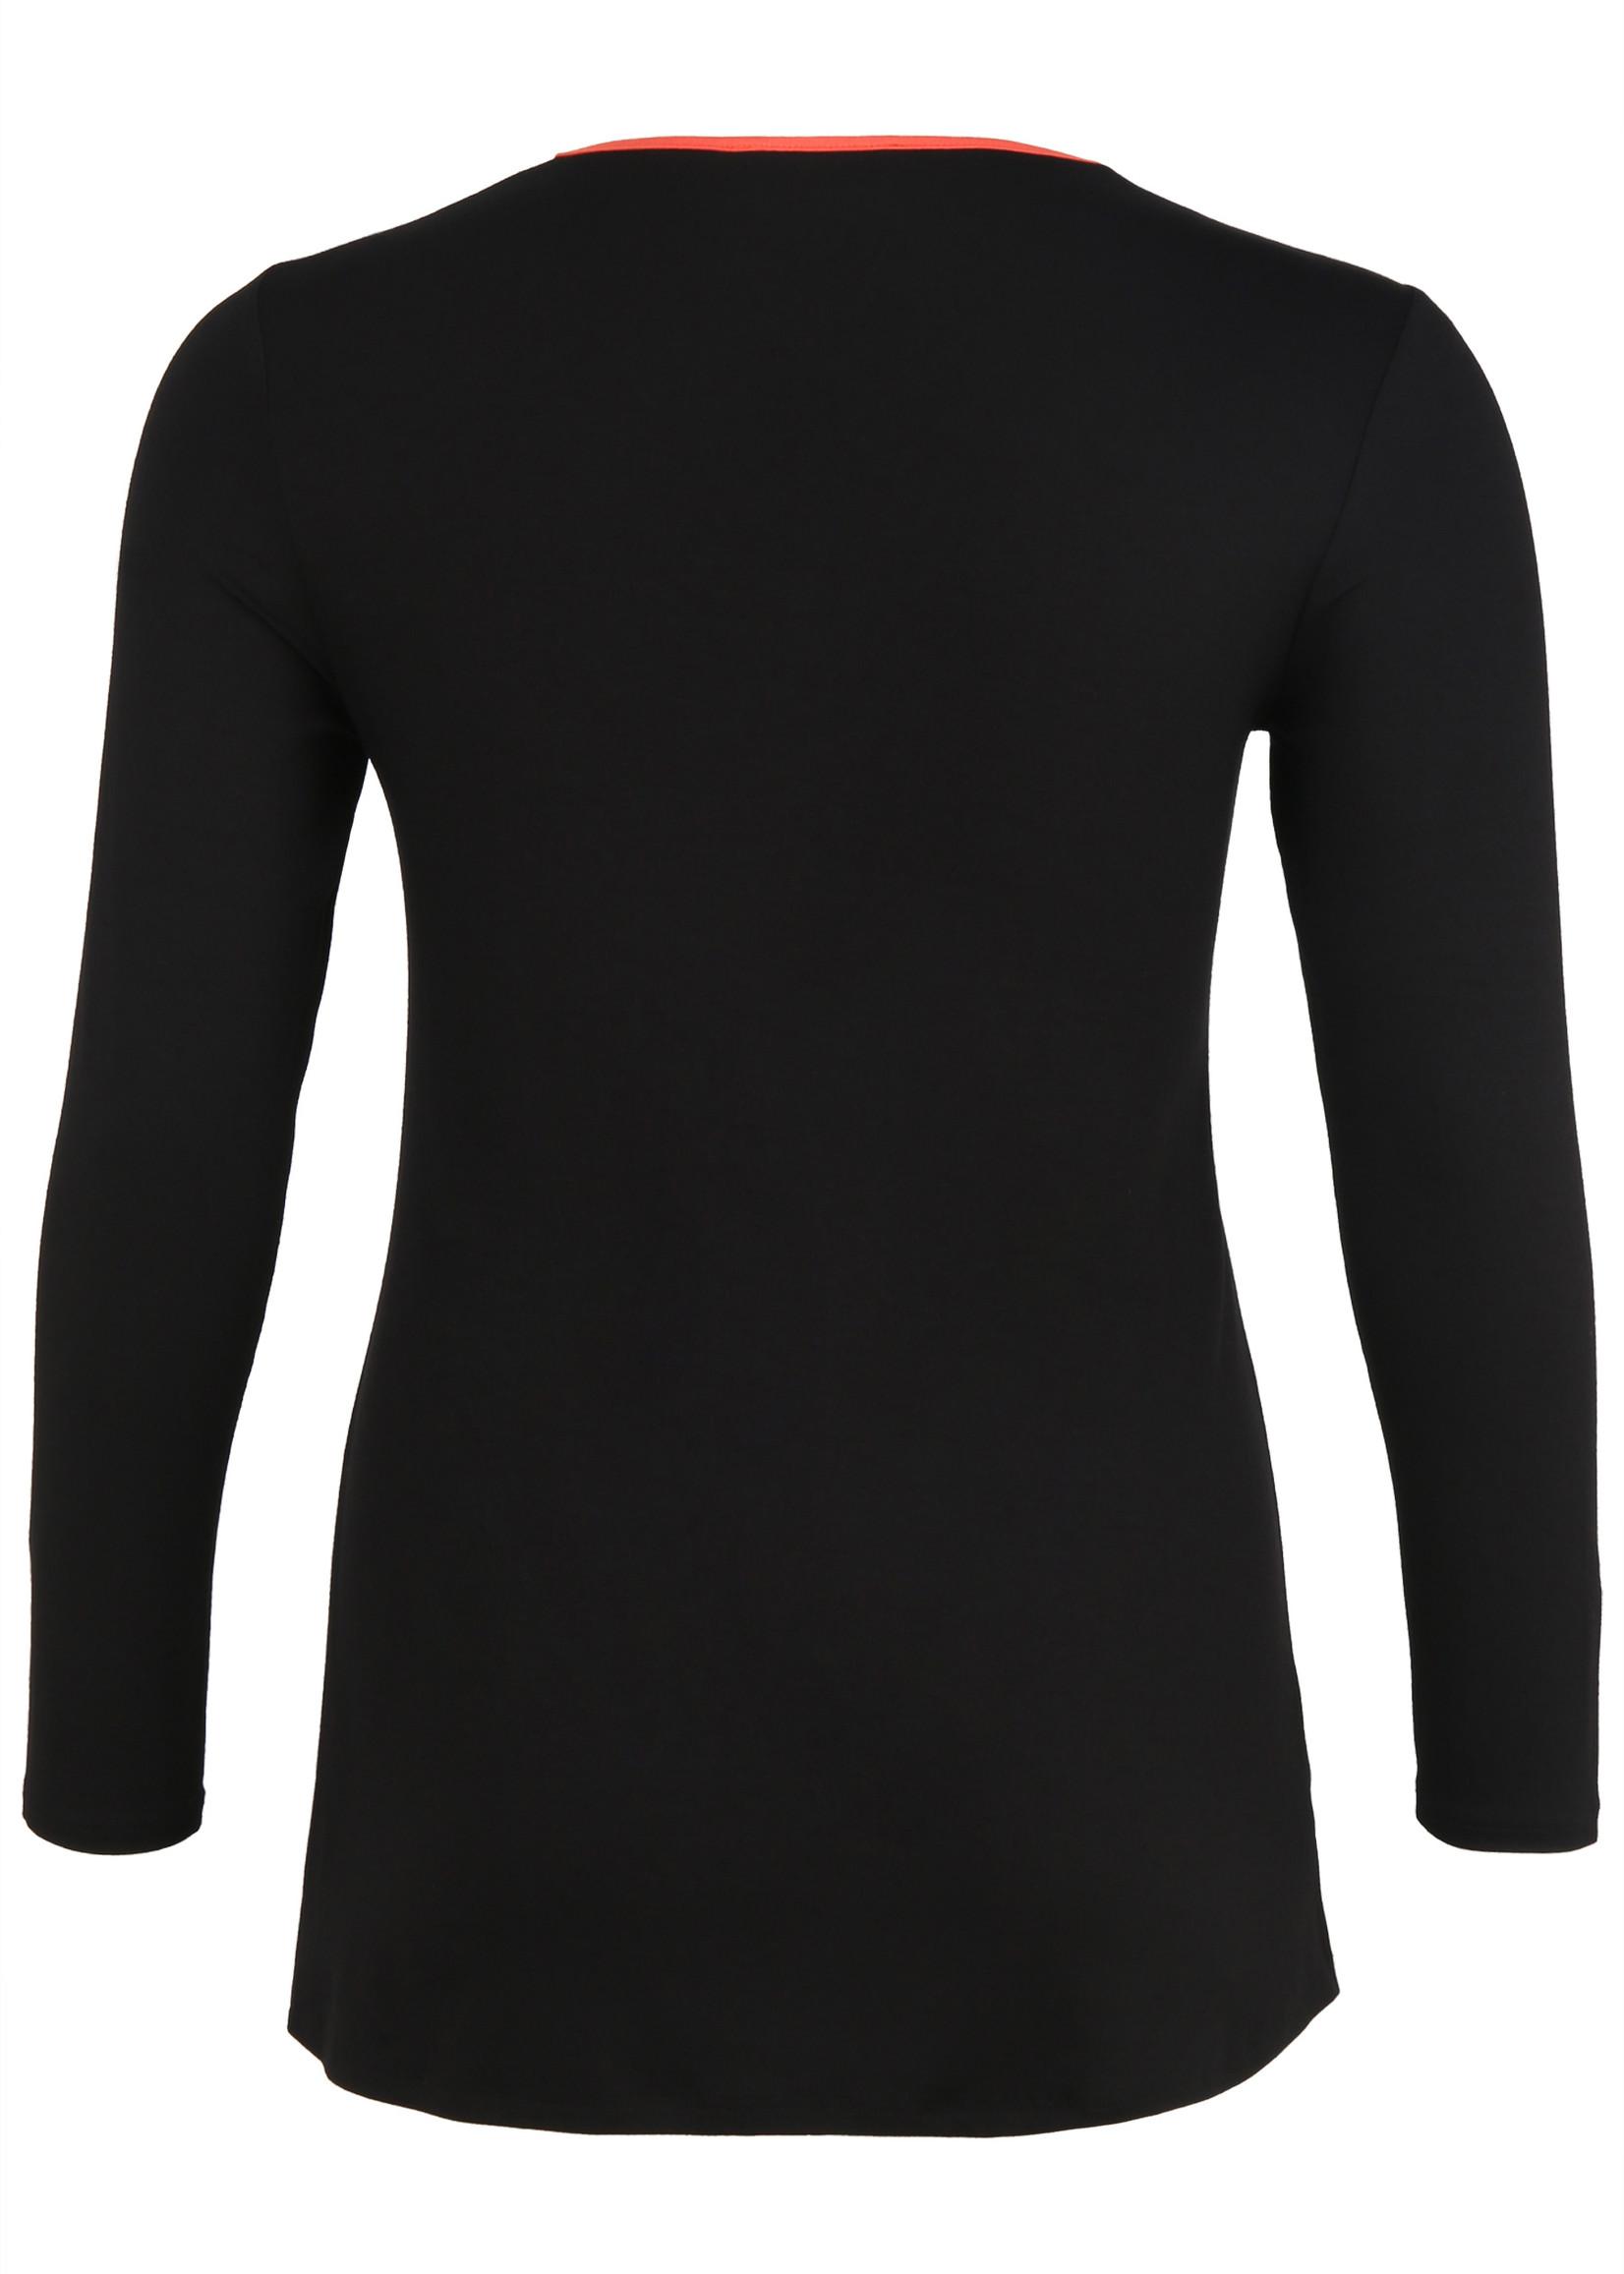 """Doris Streich Doris Streich  shirt """"optimist club"""" (477270)"""